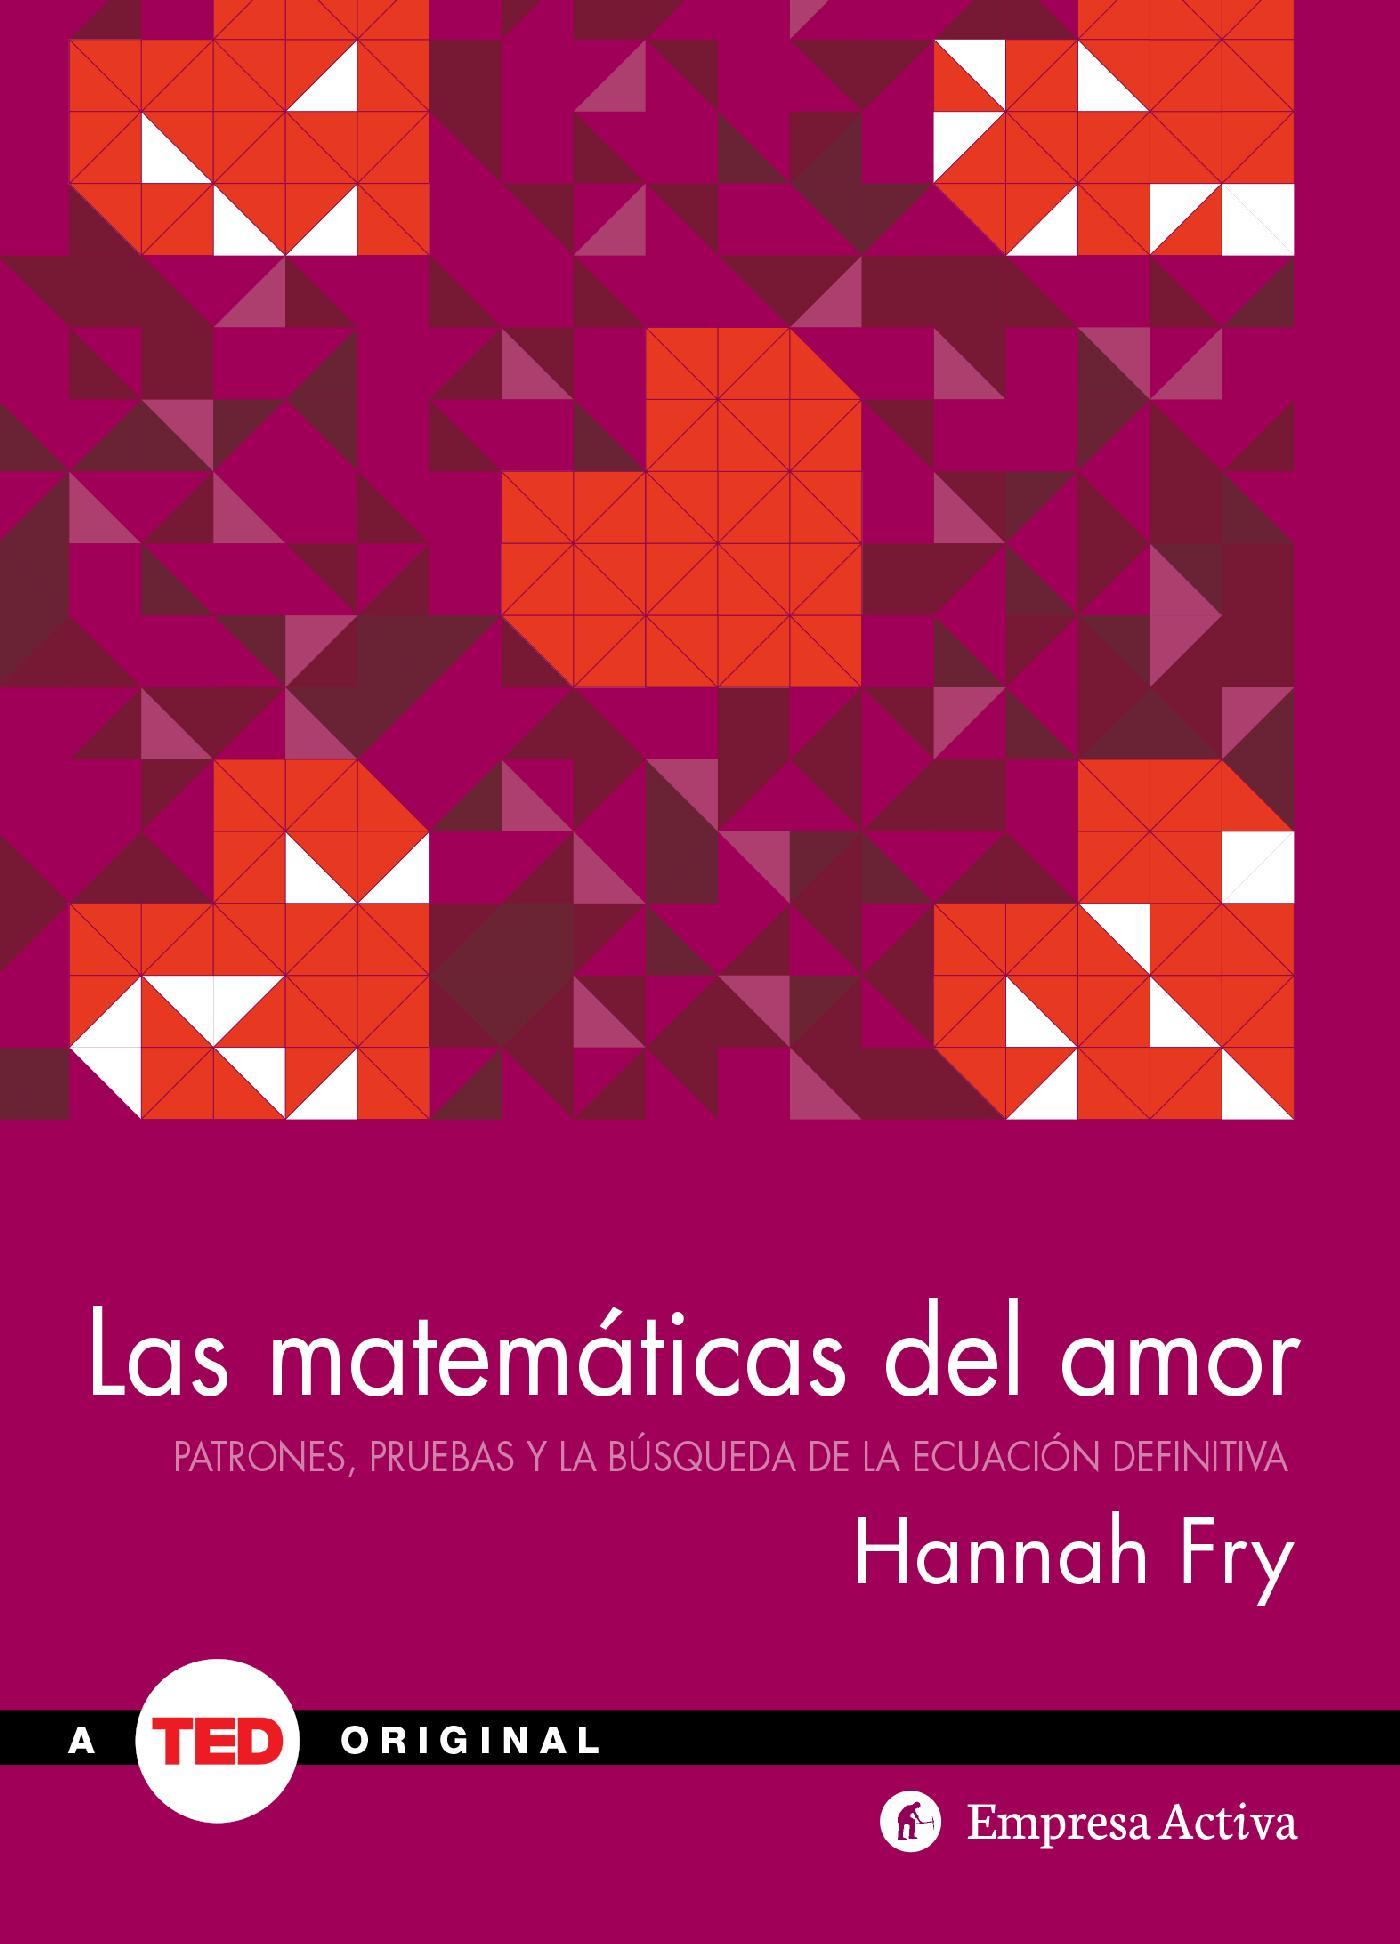 Libro matematicas en PDF | Libros Gratis